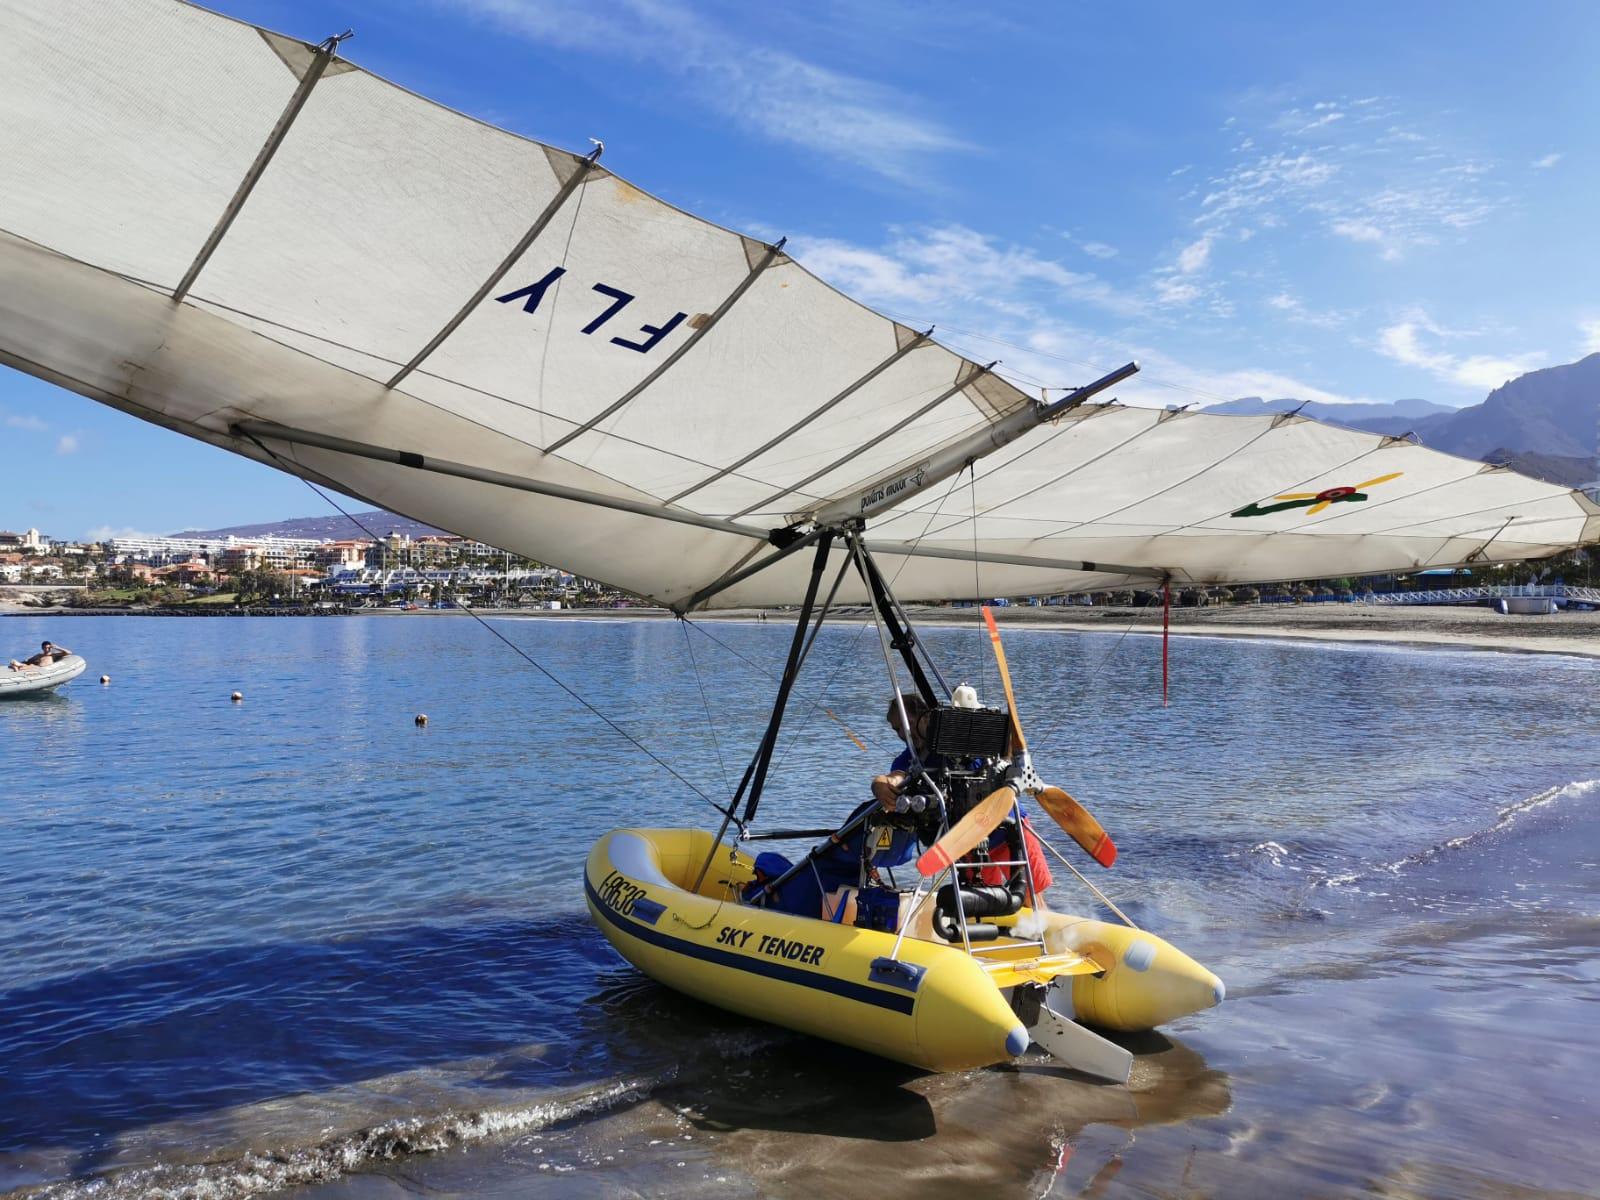 bateau pneumatique volant au départ de la plage